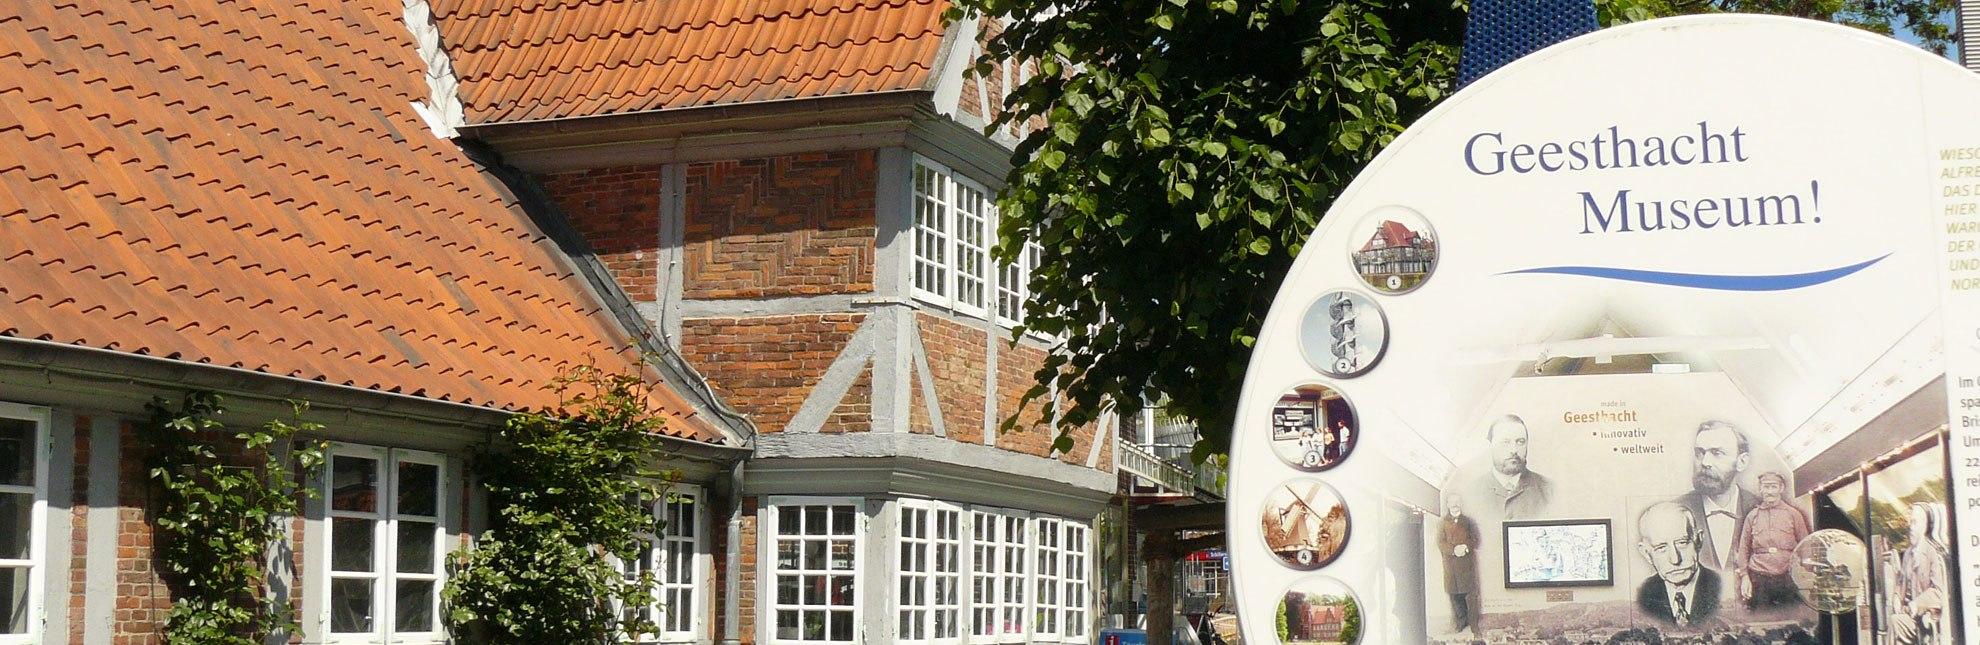 Krügersches Haus in Geesthacht